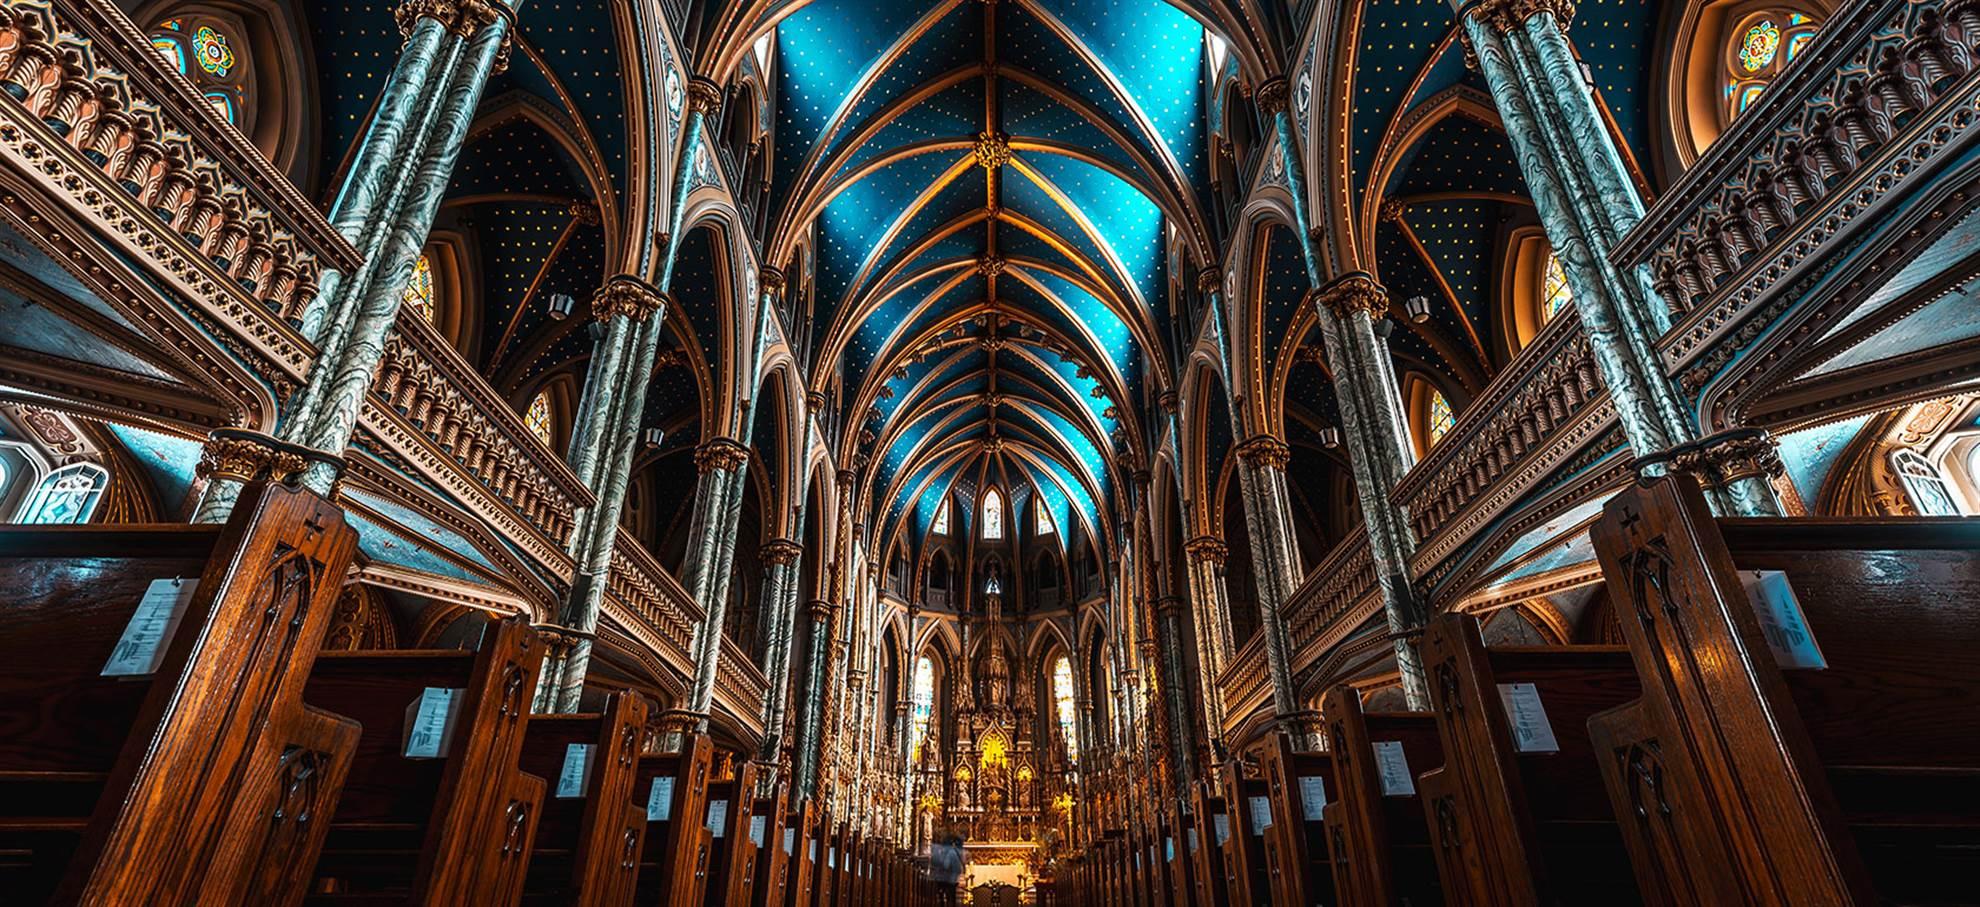 Notre Dame de Paris - Accès Prioritaire avec Audioguide